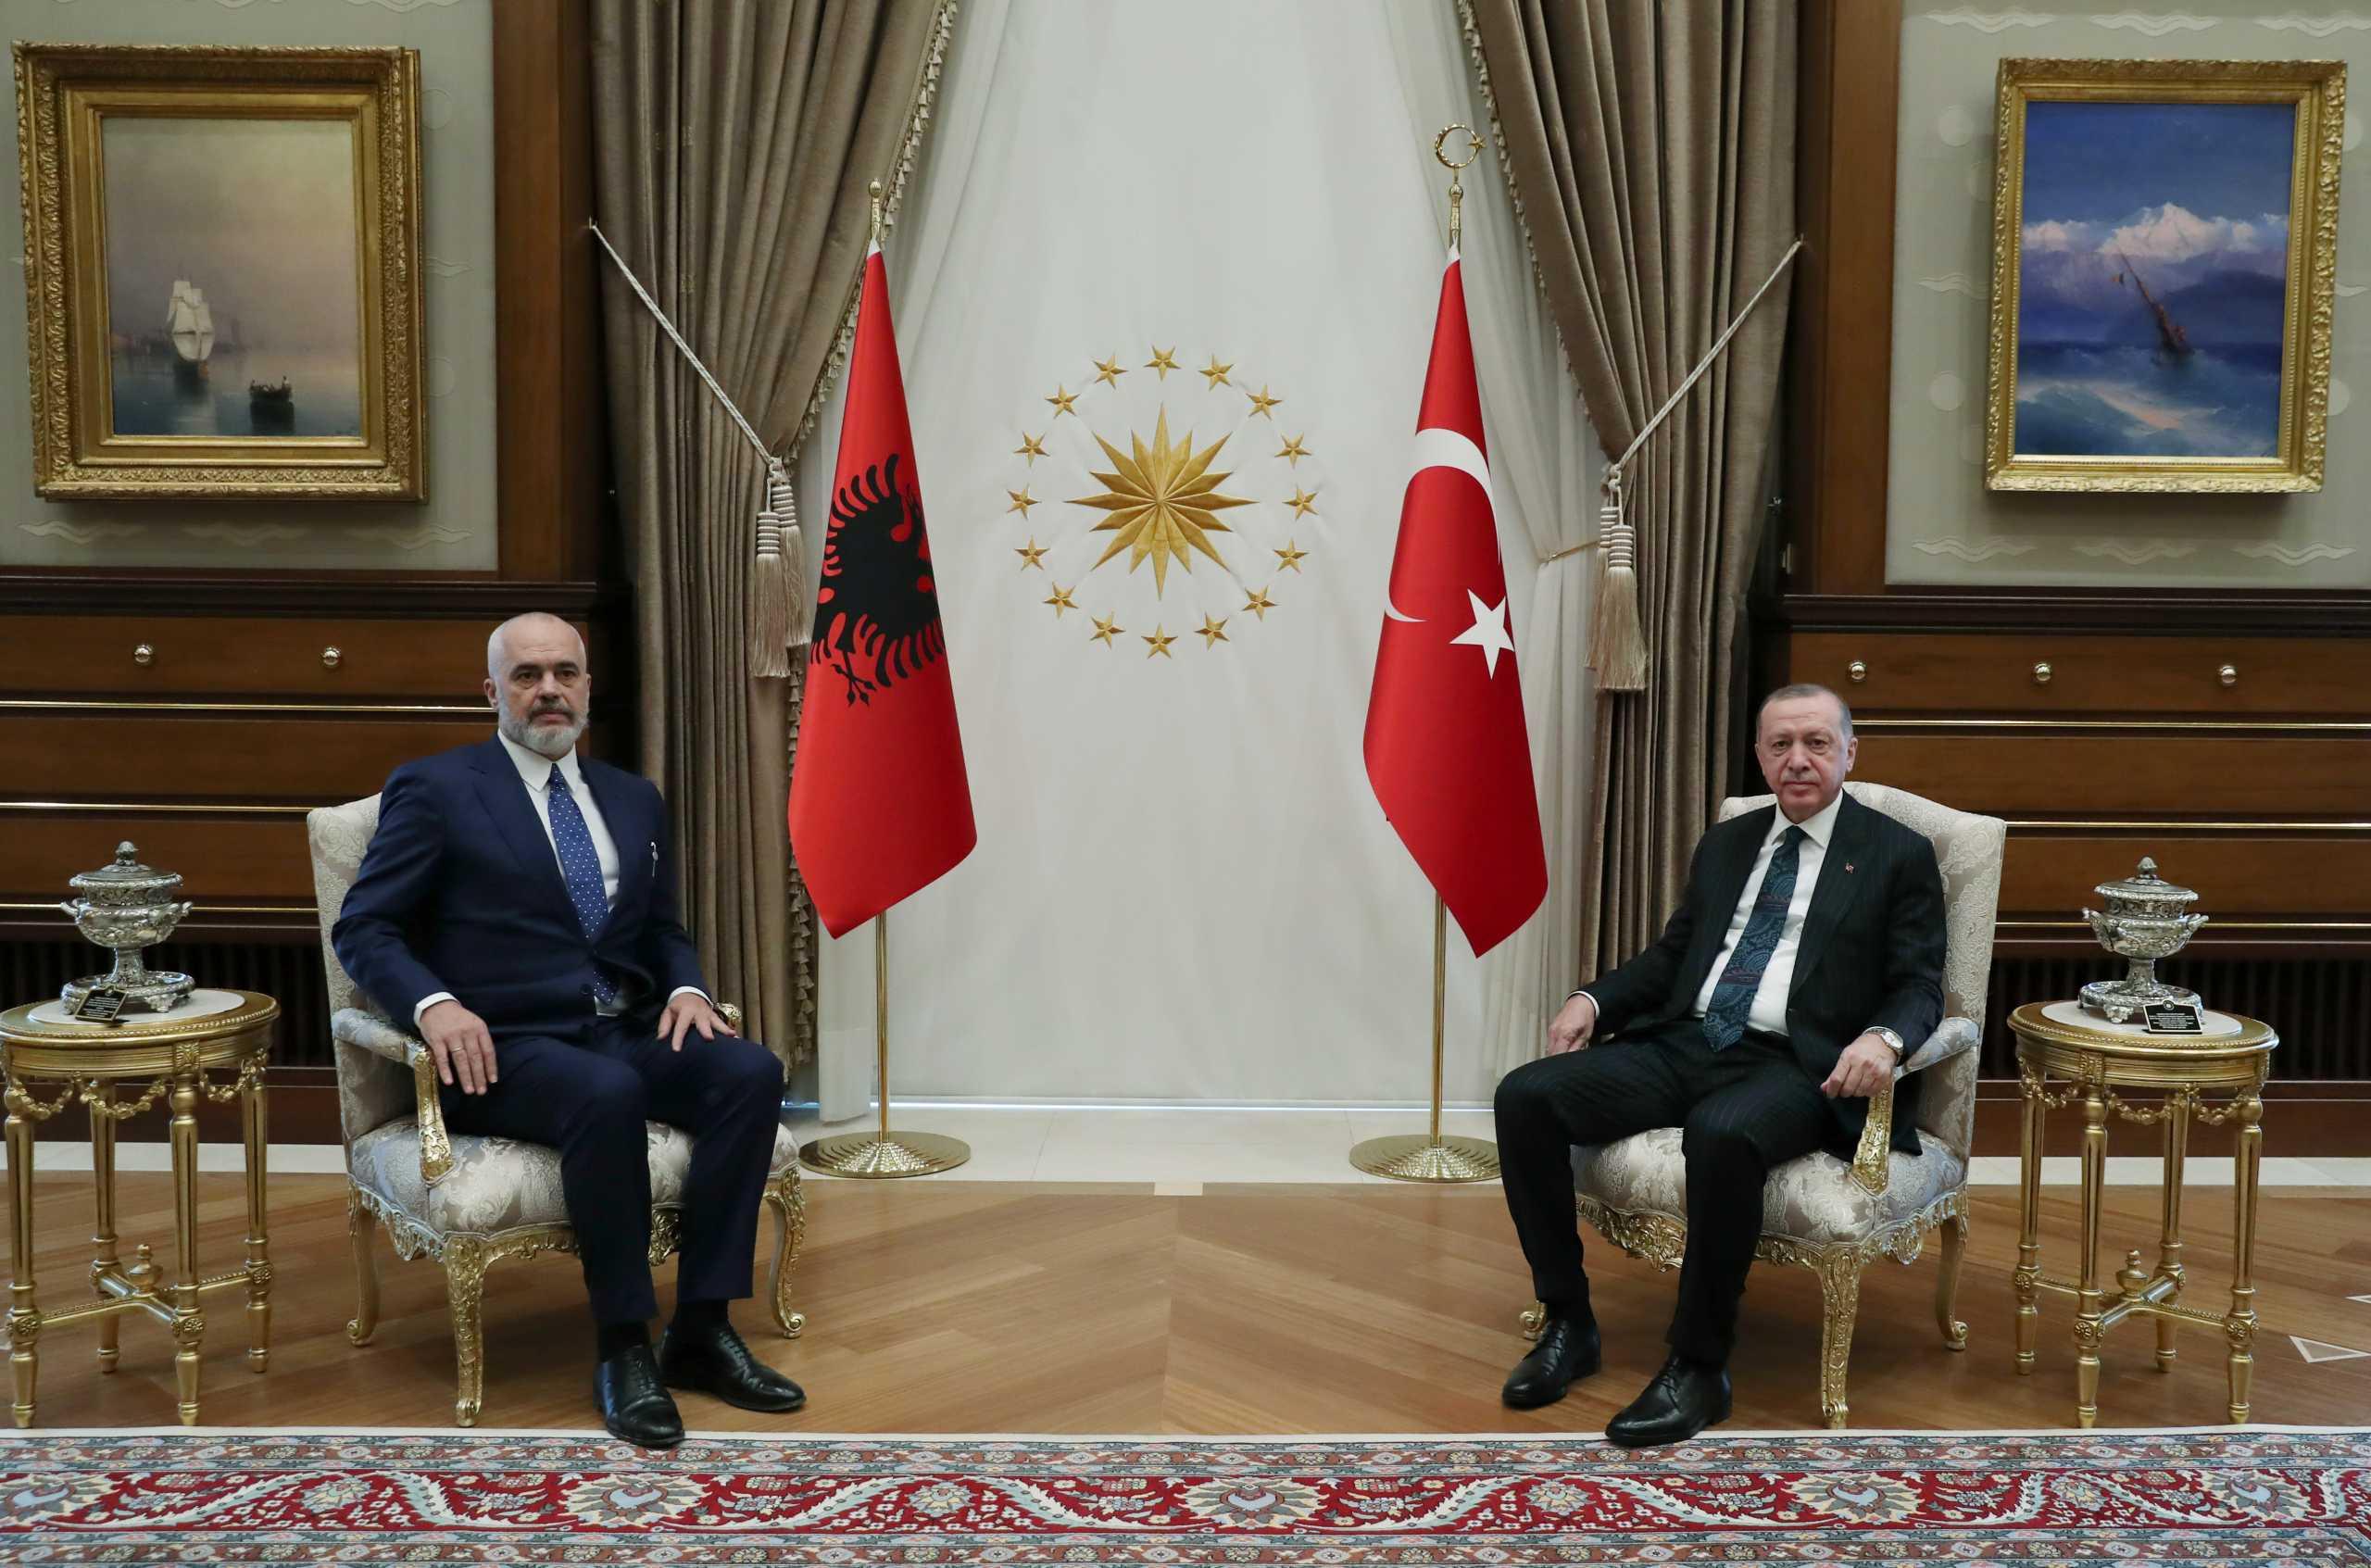 Στην Άγκυρα ο Ράμα – Η συνάντηση με Ερντογάν και οι υπογραφές